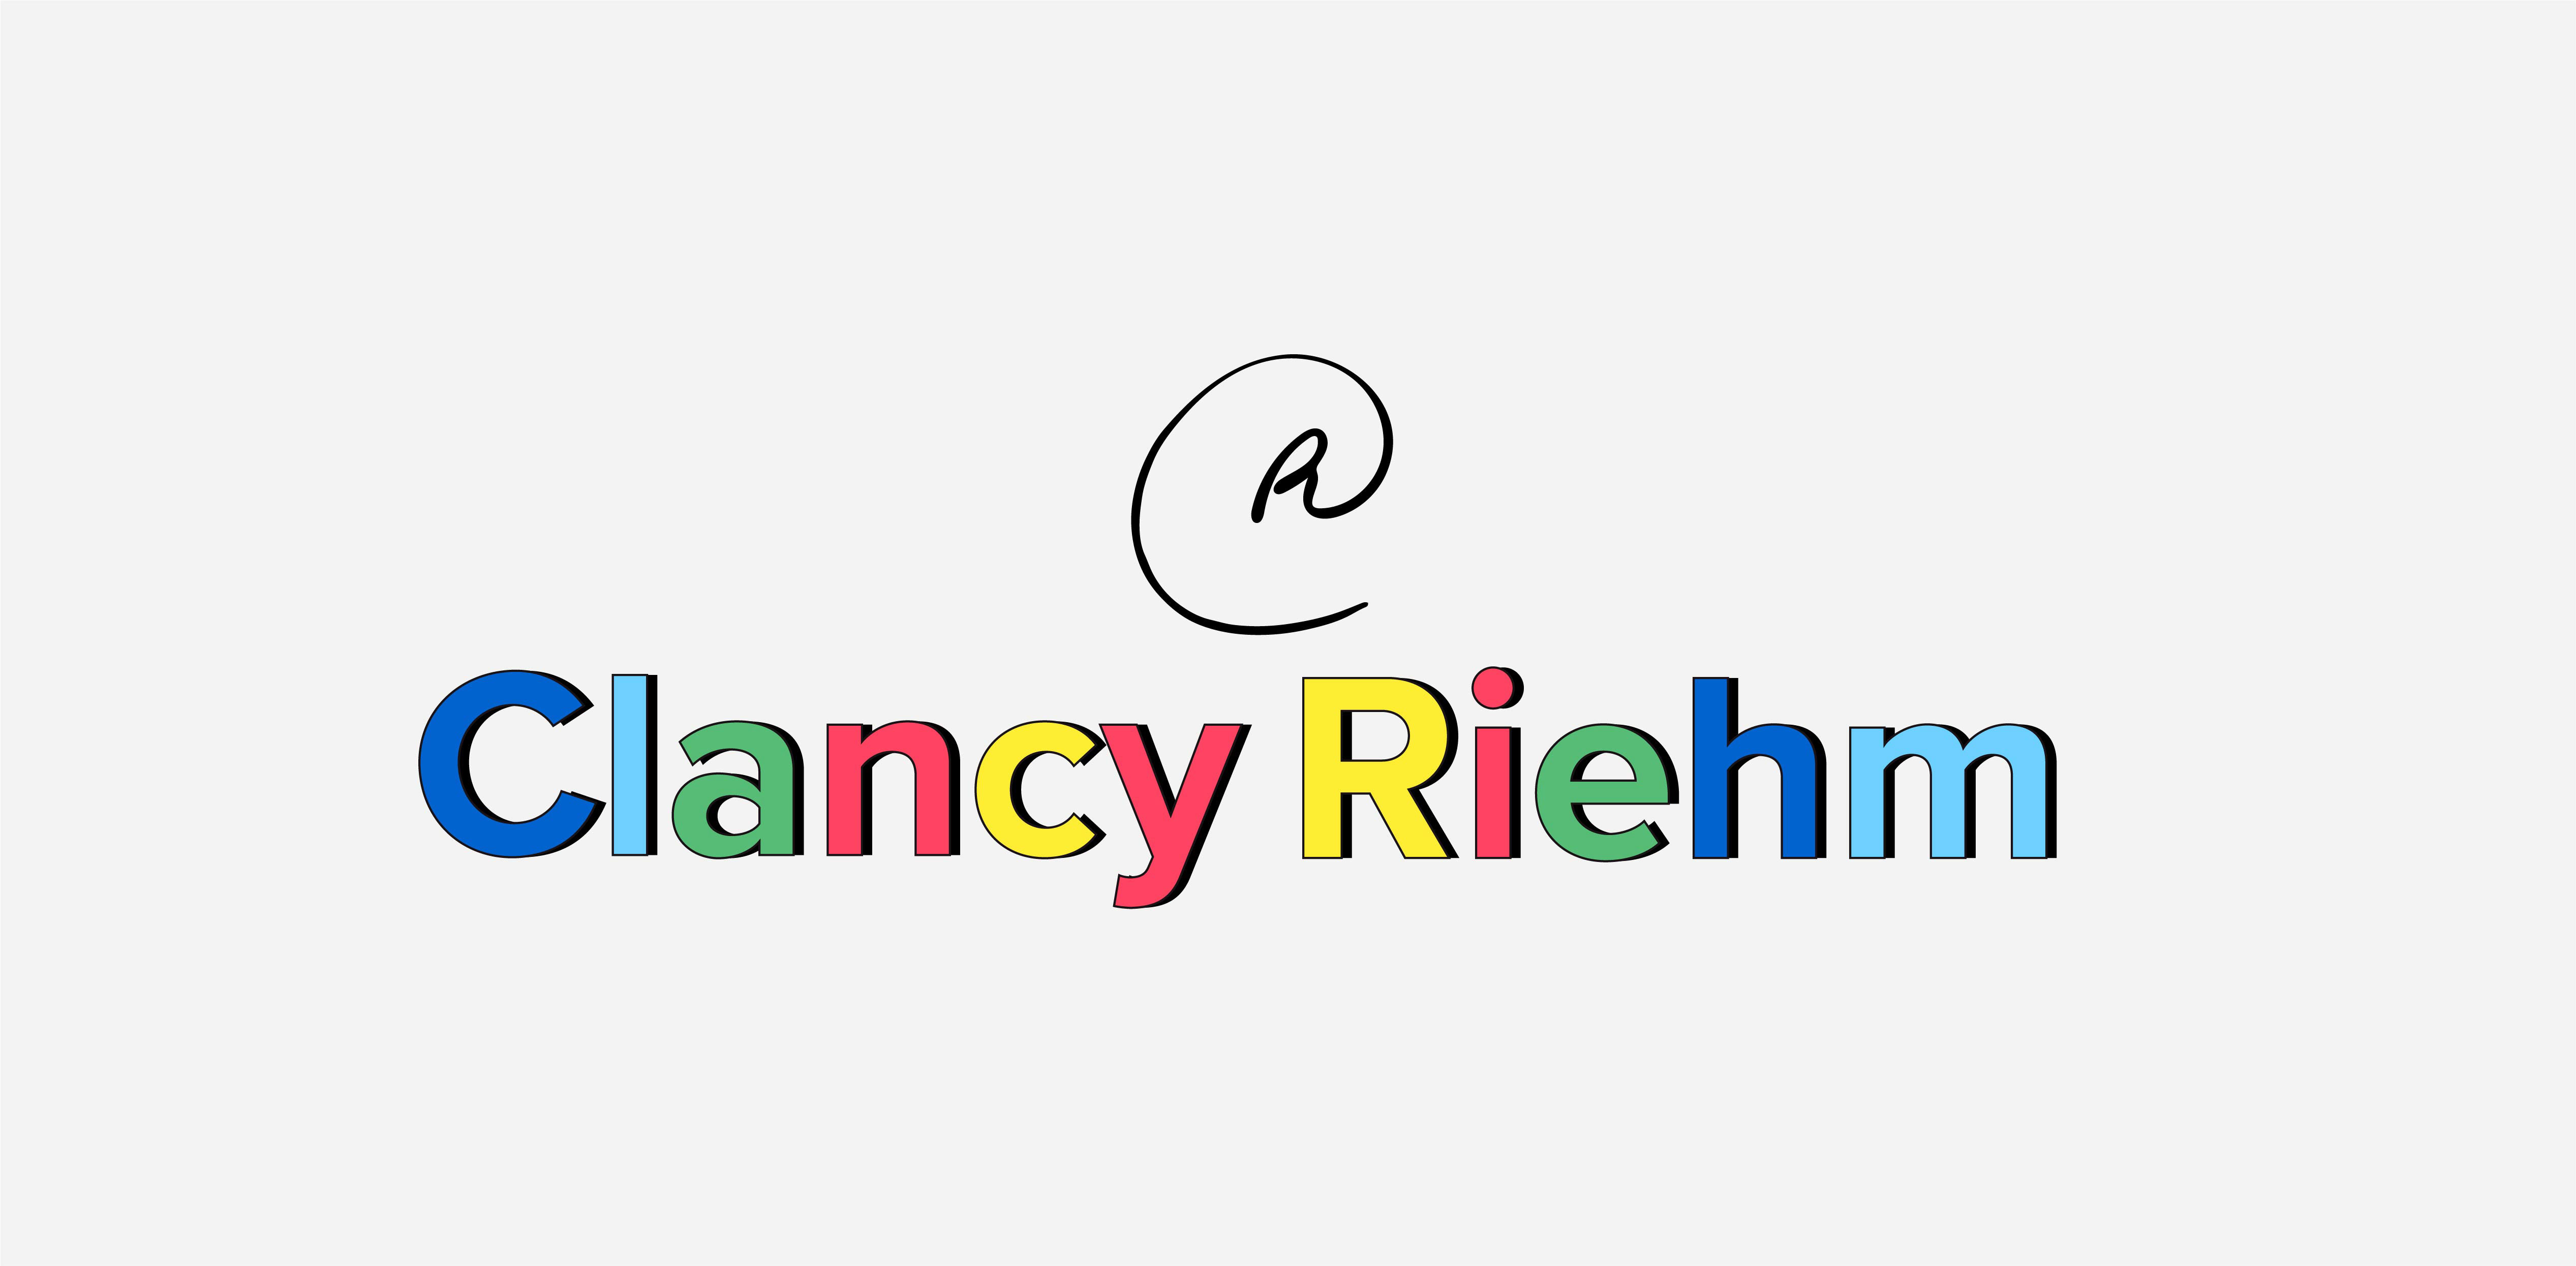 Clancy Riehm